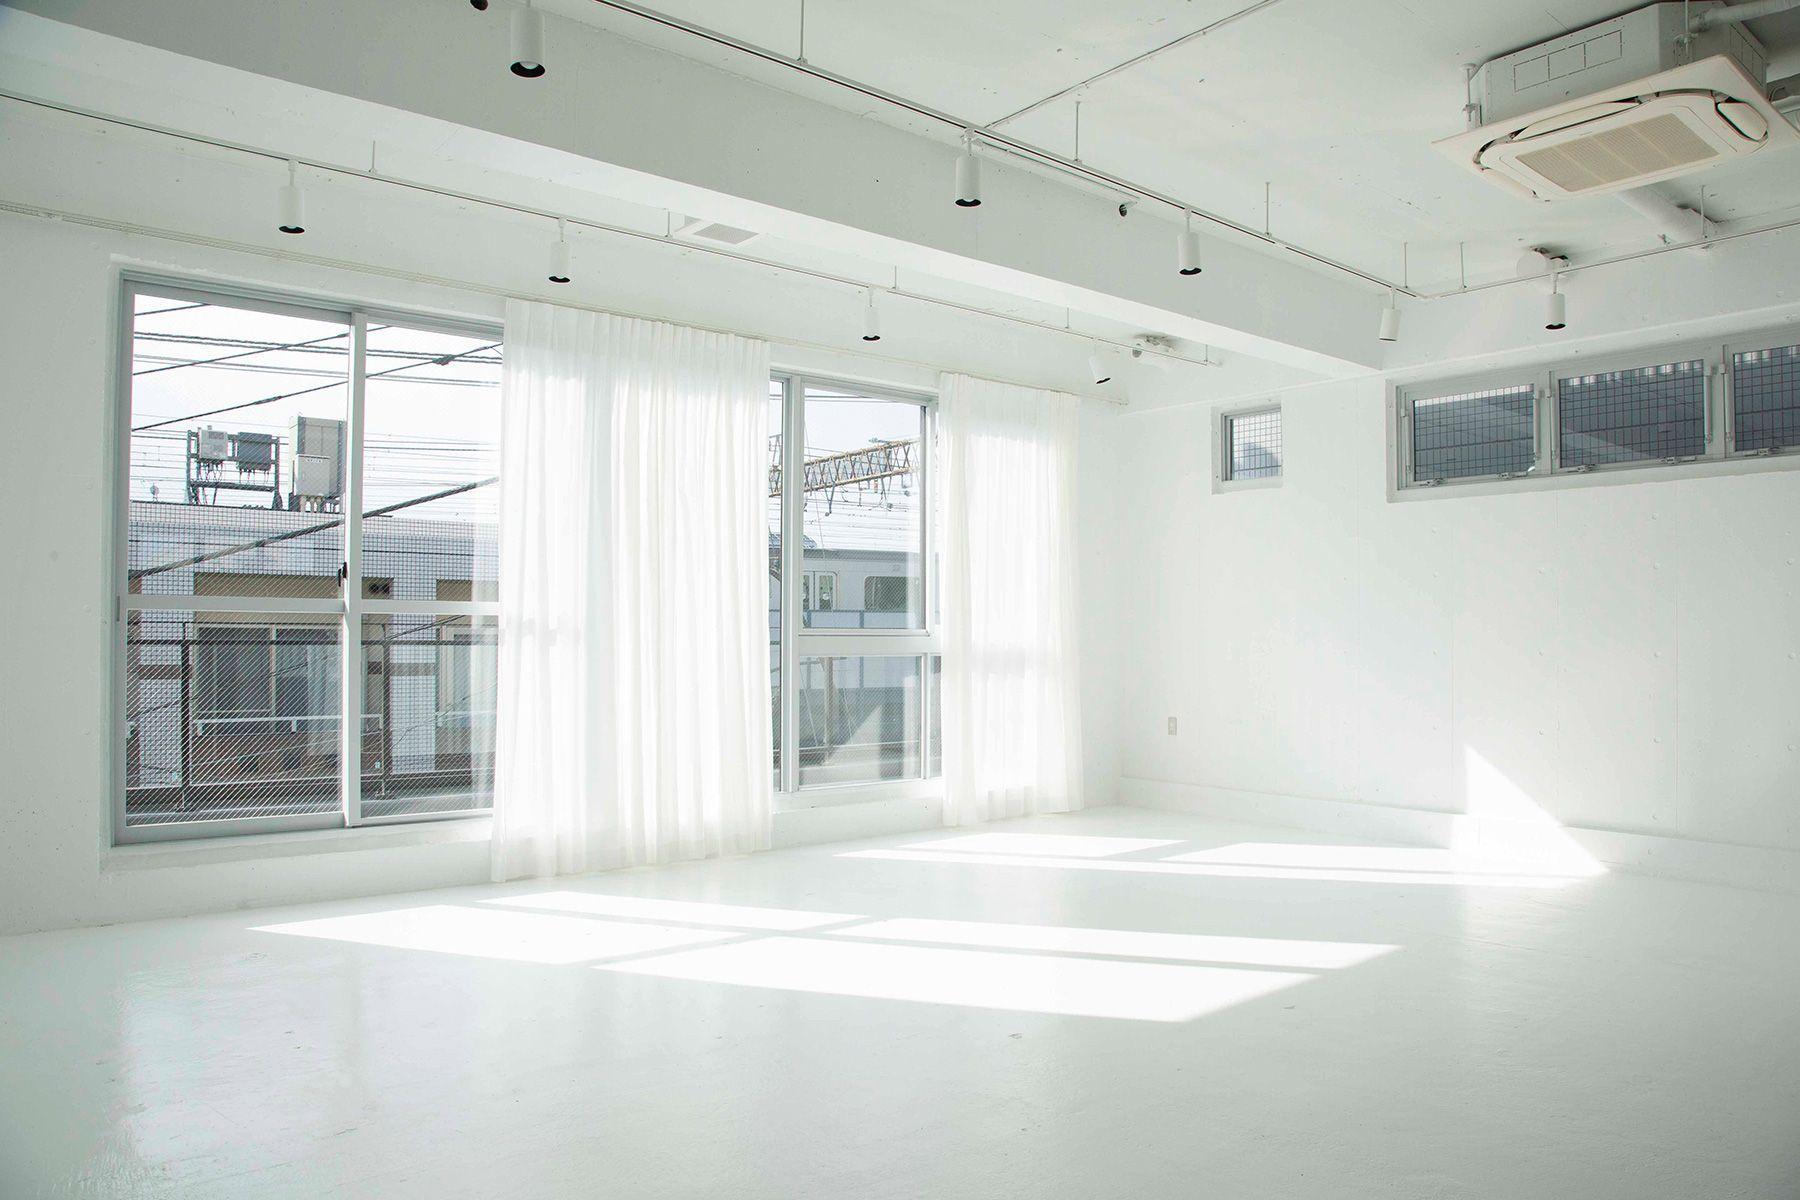 STUDIO LAILA (スタジオ ライラ)引きも撮影できる白壁